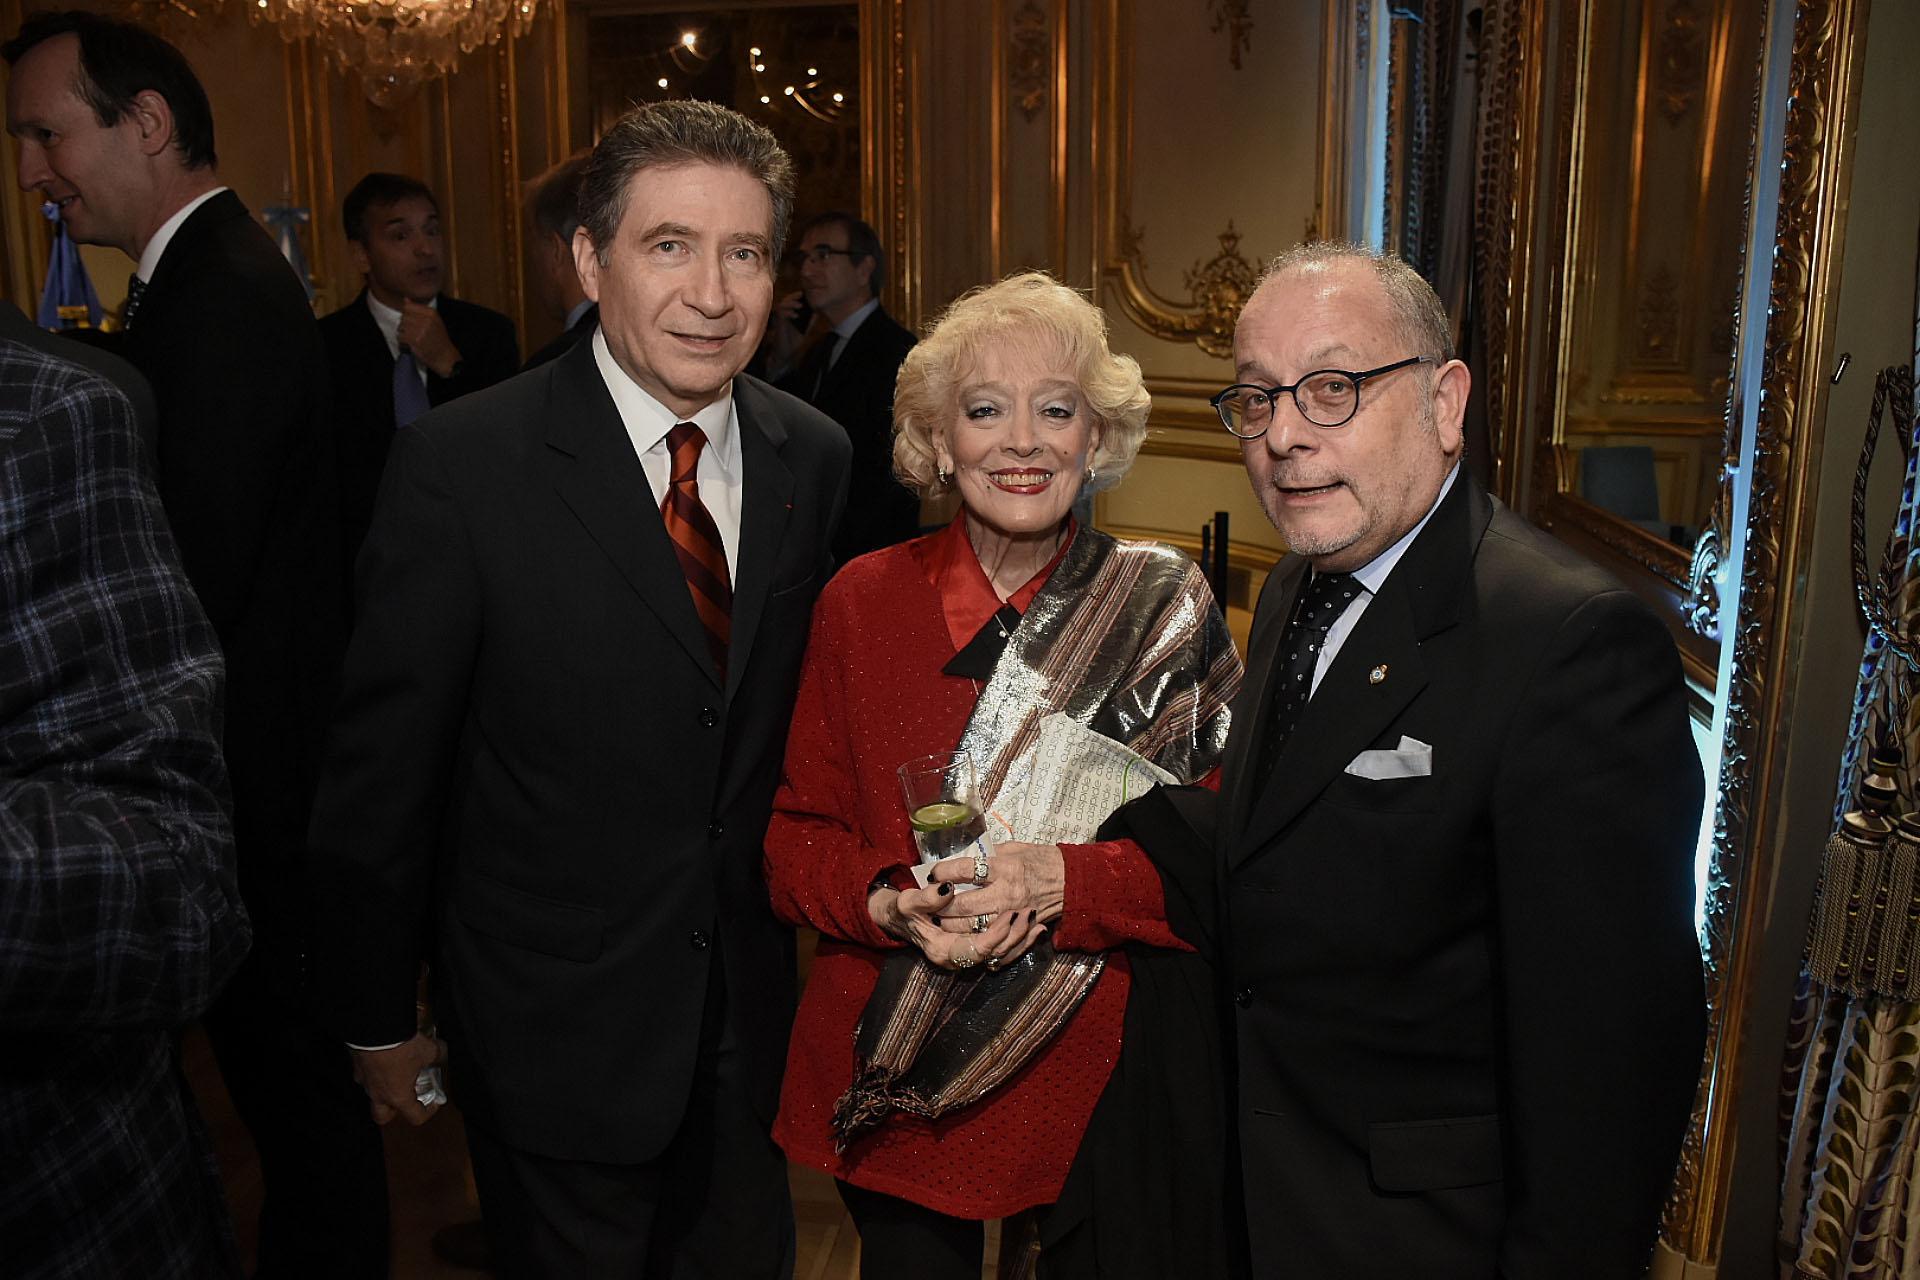 El embajador francés y su mujer junto a Jorge Faurie